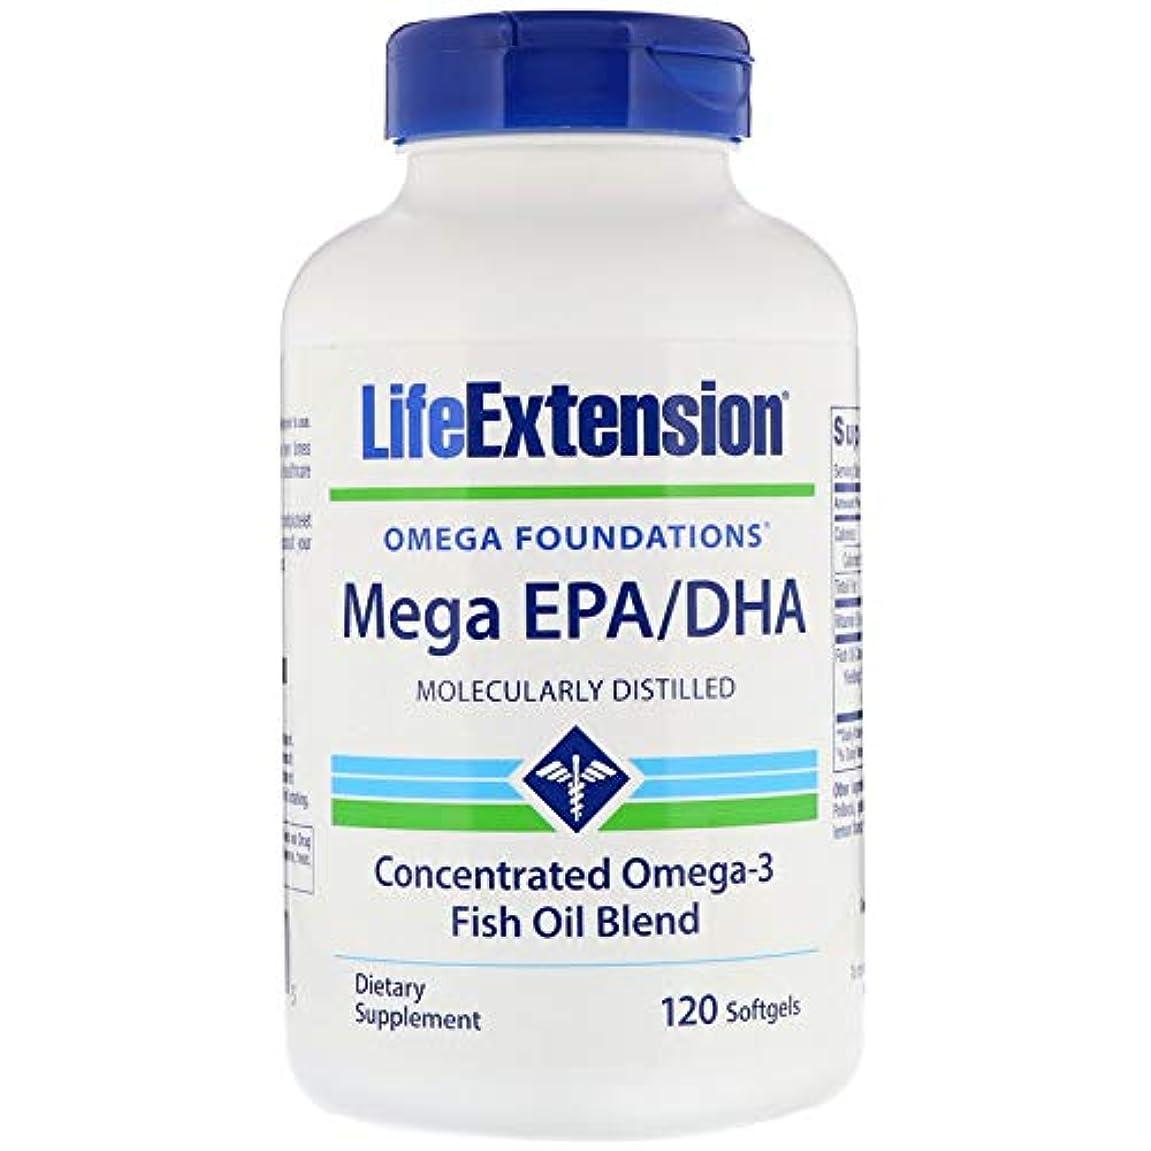 操作可能あいさつ植物のメガ EPA/DHA600 mg含有/粒 120粒ソフトジェルカプセル 海外直送品